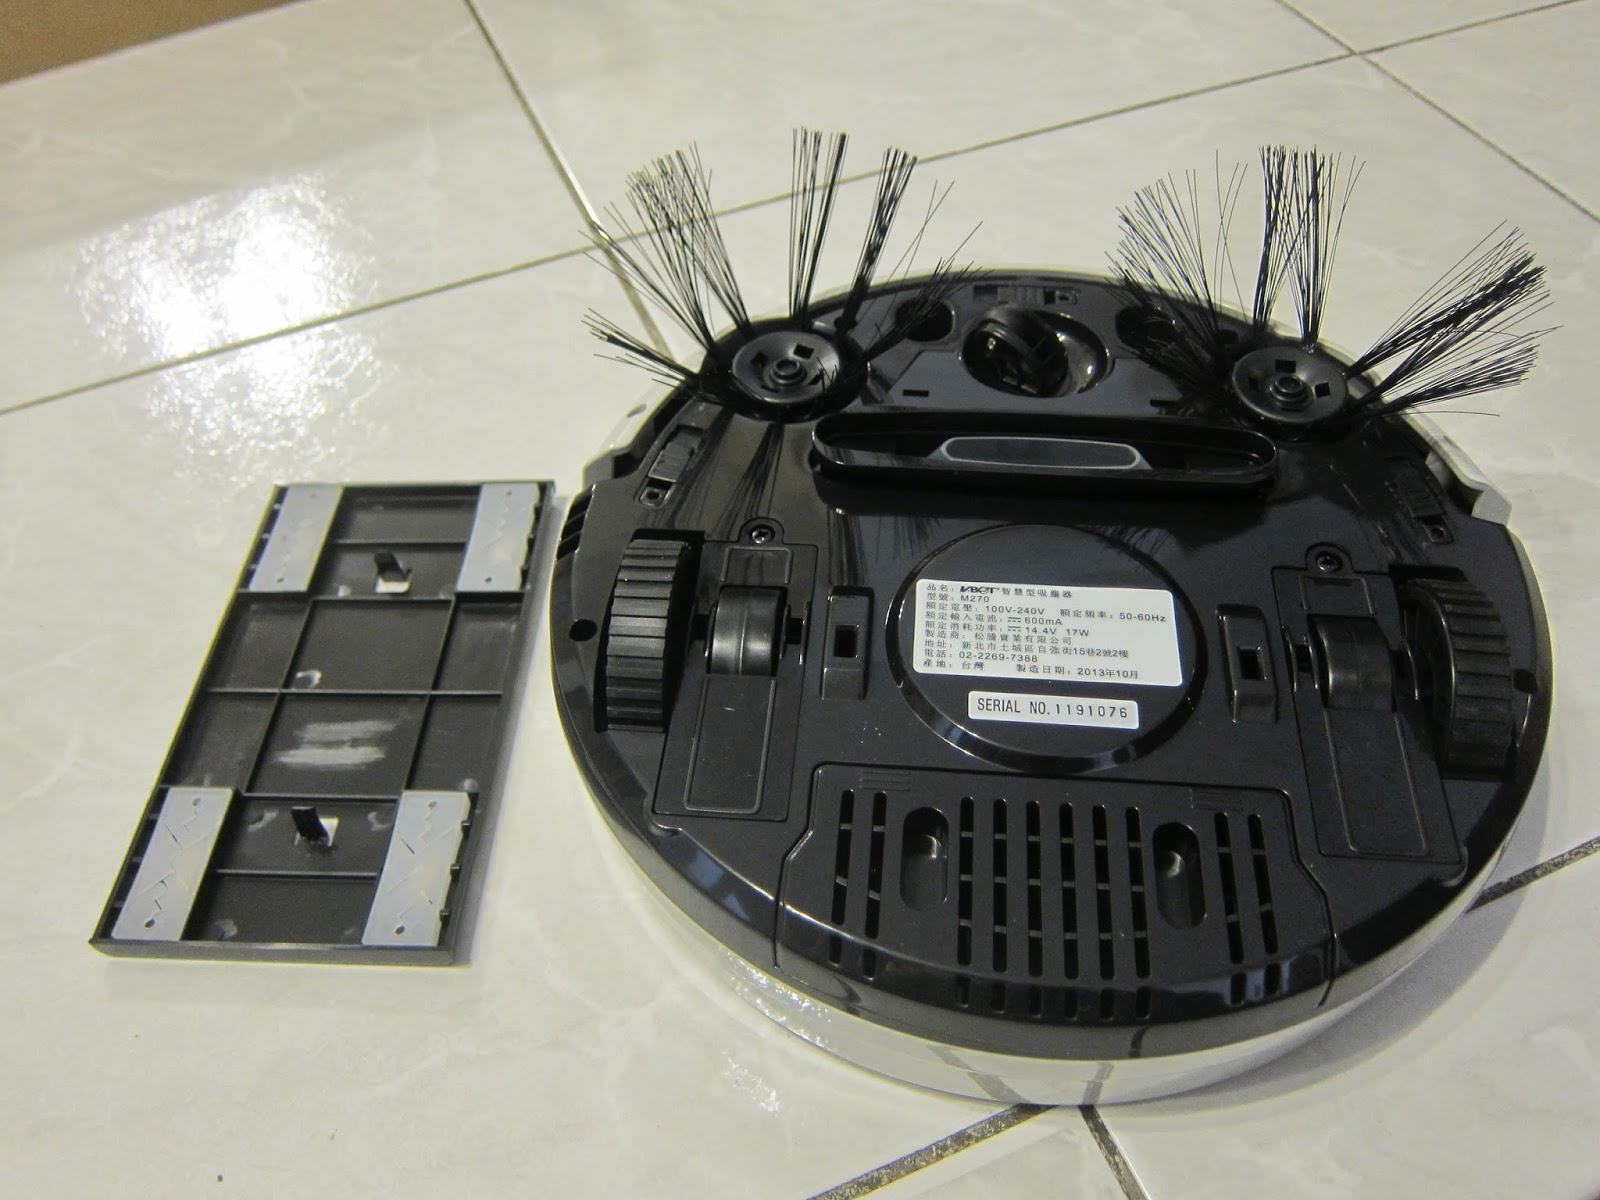 IMG 2254 - [開箱] V-BOT M270 迷你智慧型掃地機器人